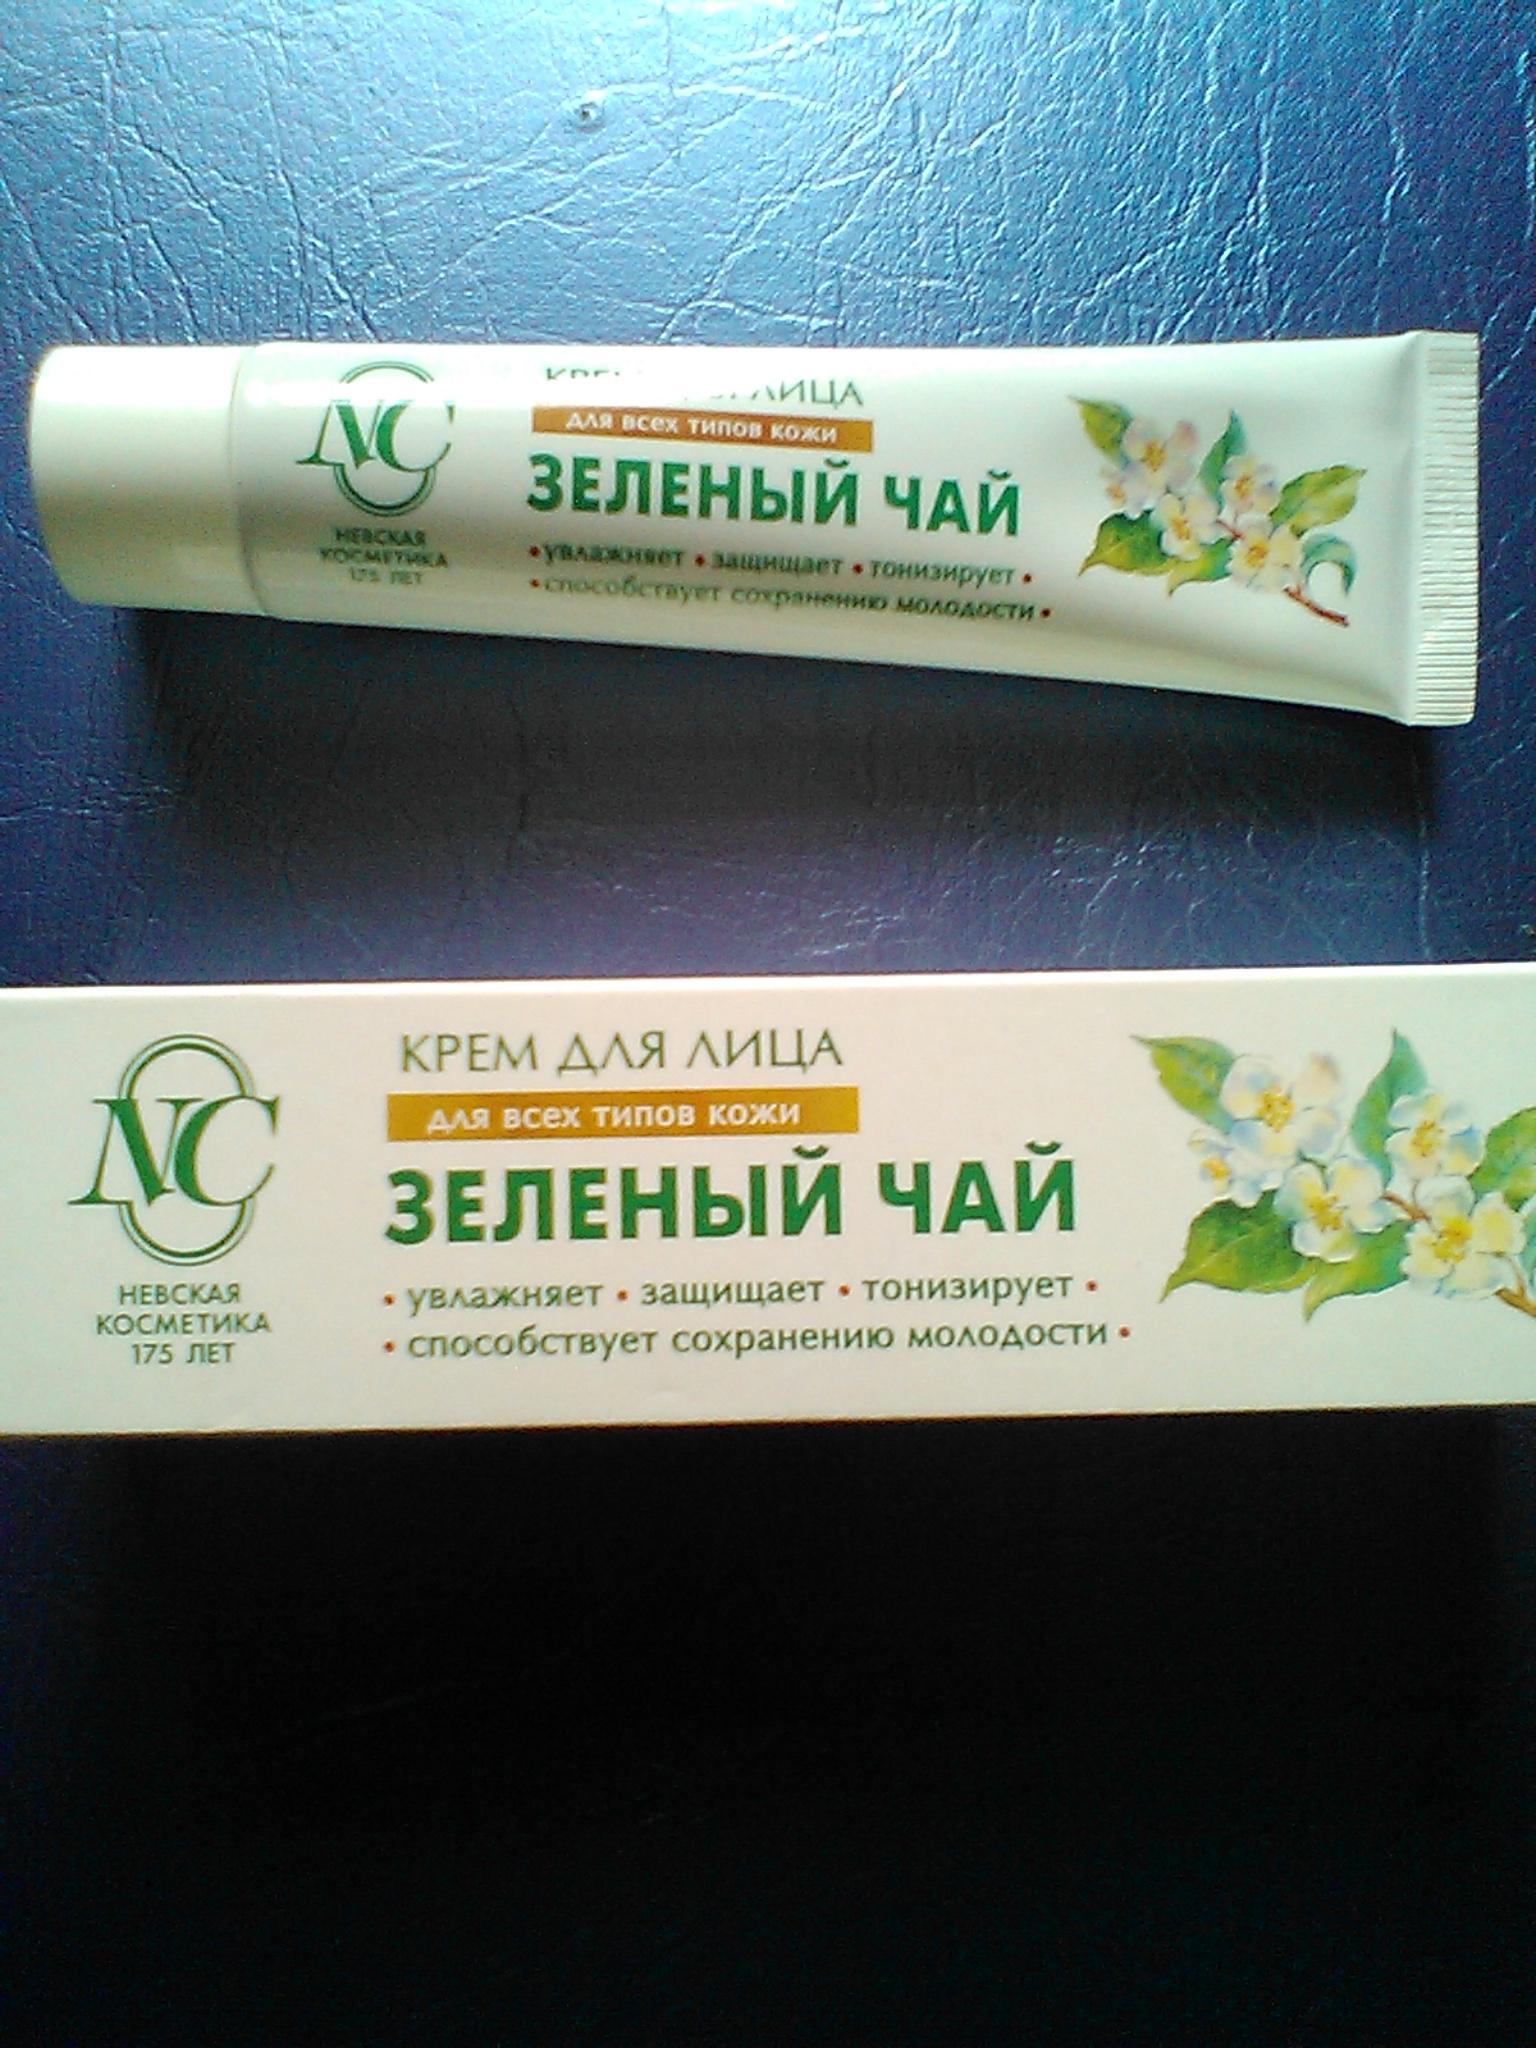 Зеленый чай невская косметика